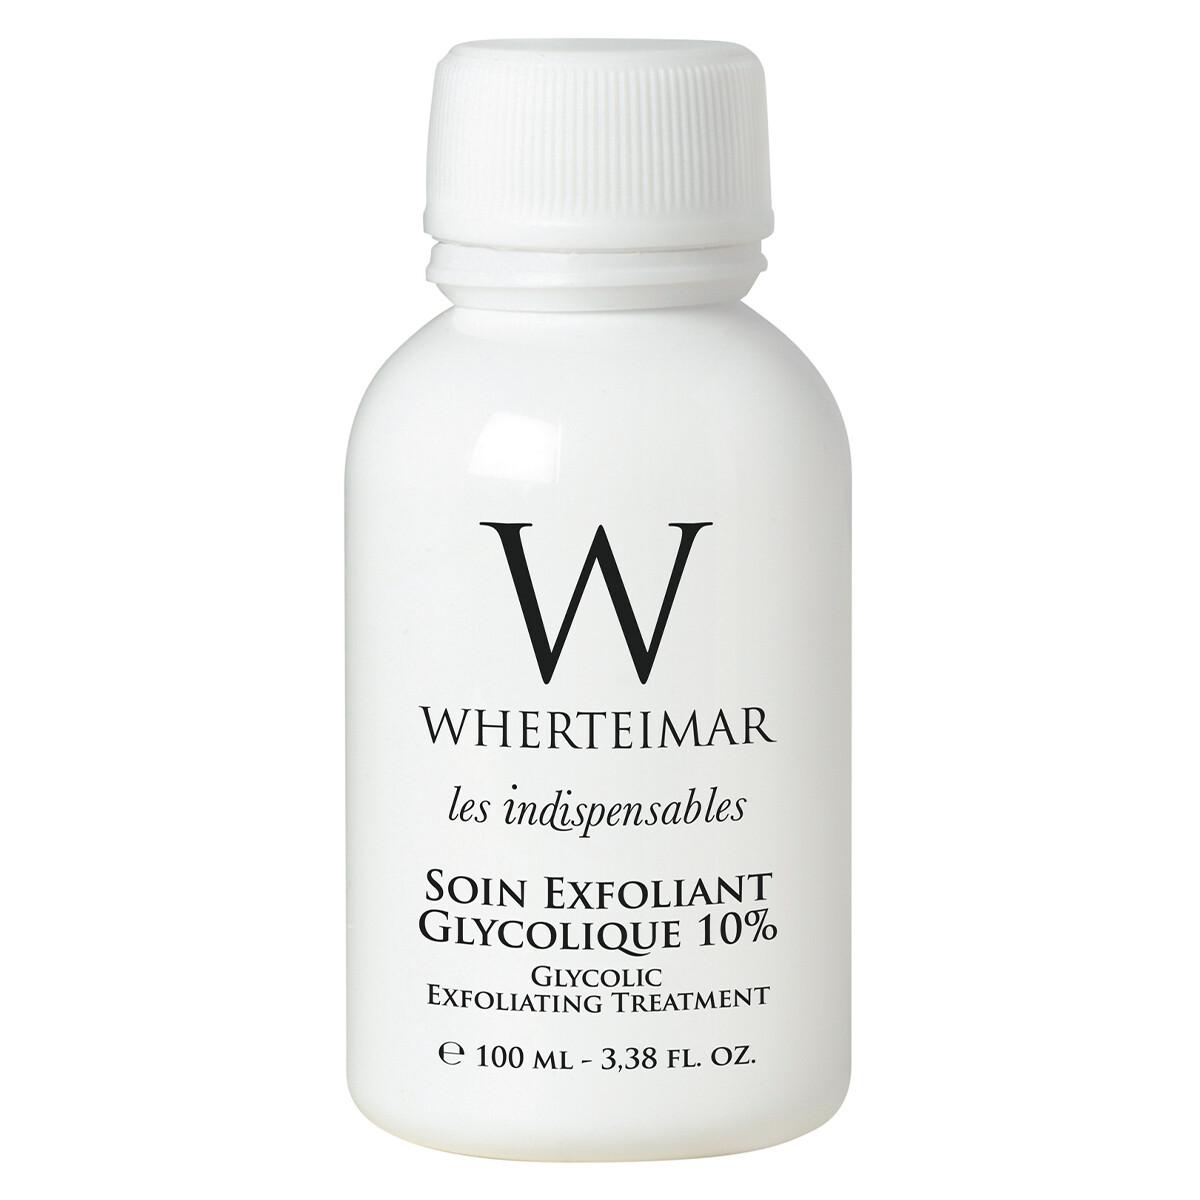 Гликолевый пилинг 10% / Glycolic exfoliating treatment 10%  100 мл